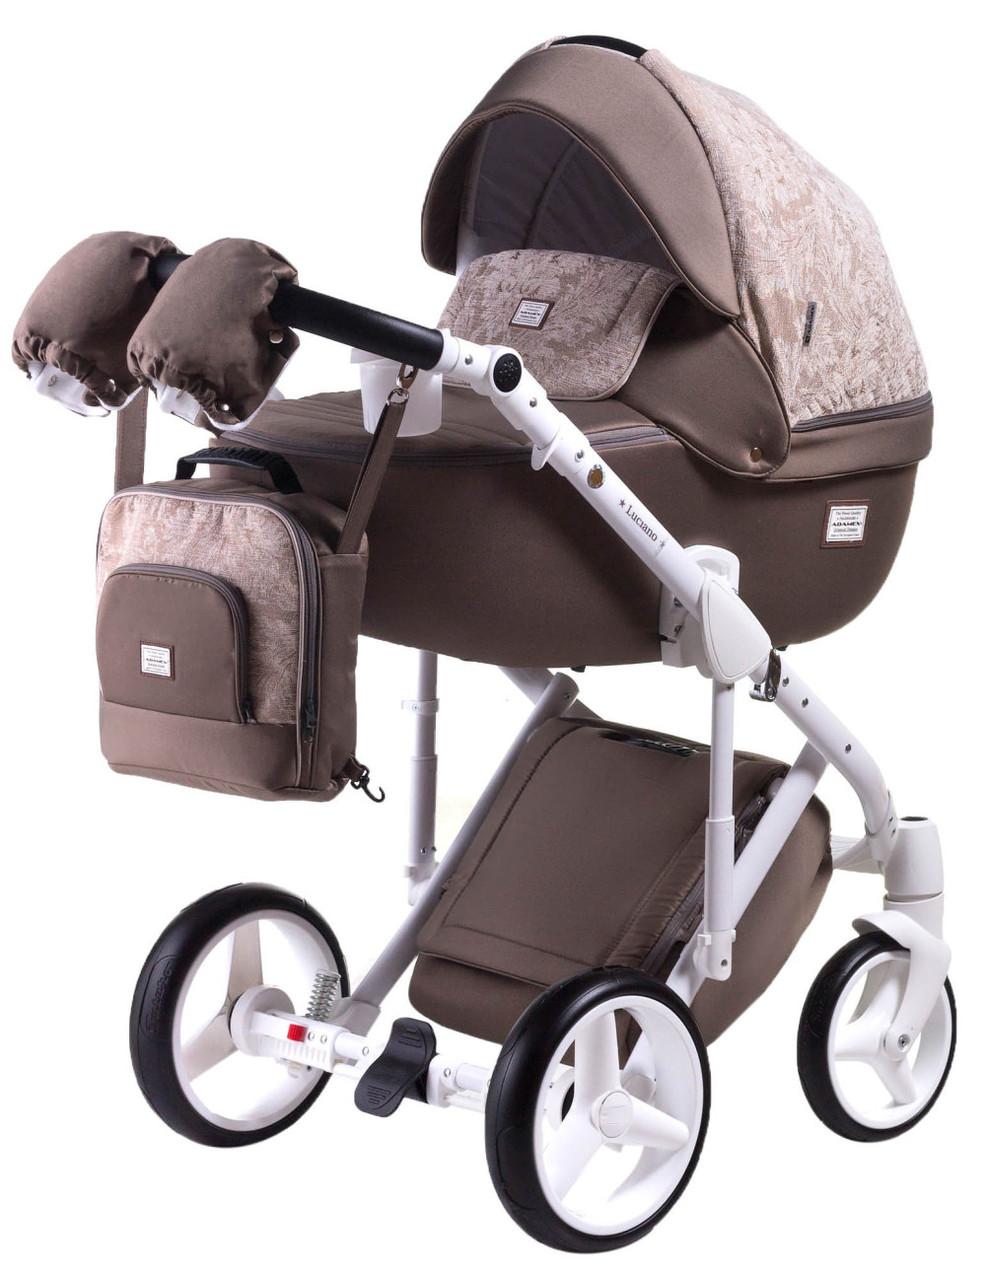 Универсальная детская коляска  2 в 1 Adamex Luciano jeans Q213